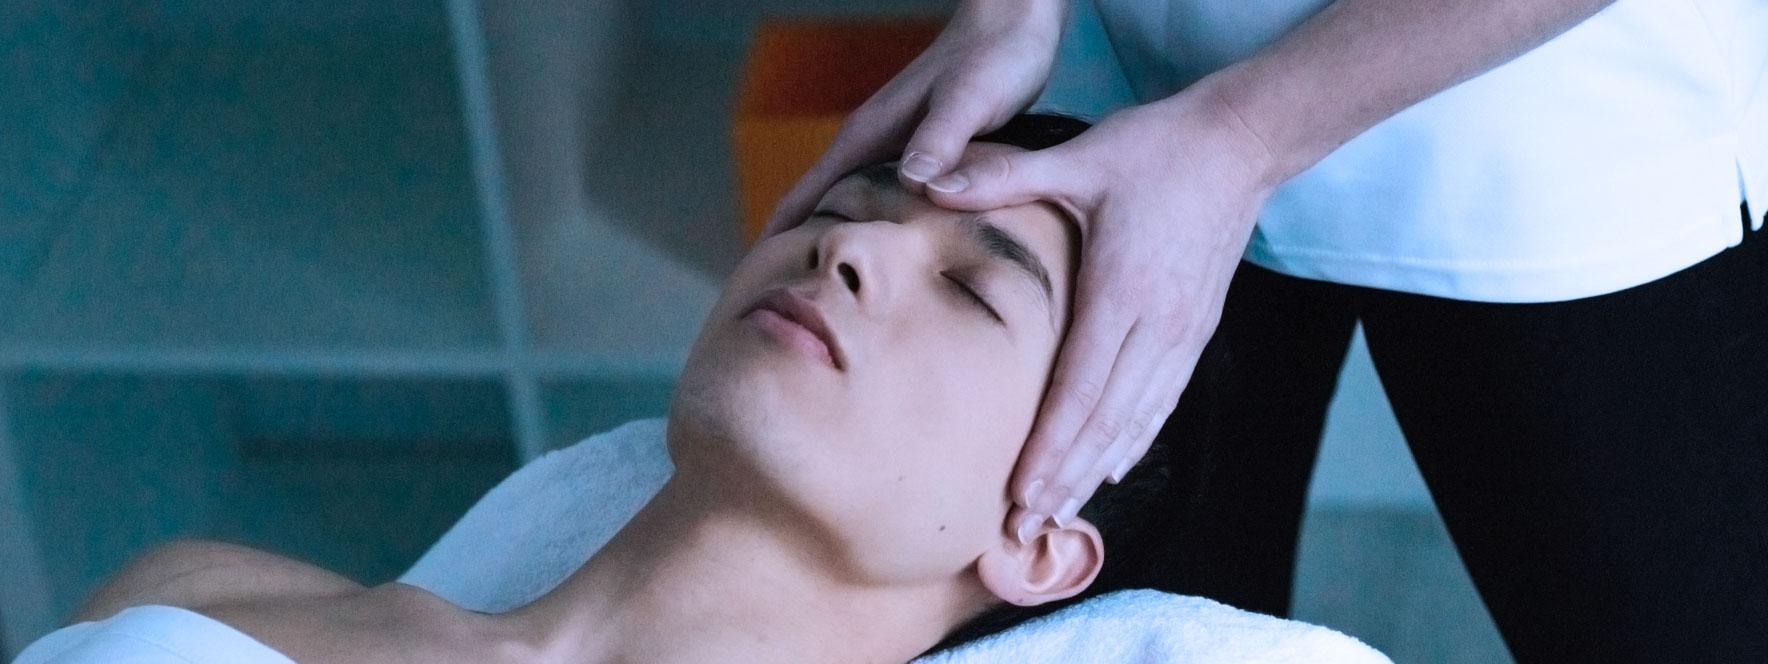 Massage de la tête et insomnie - Blogue du Réseau